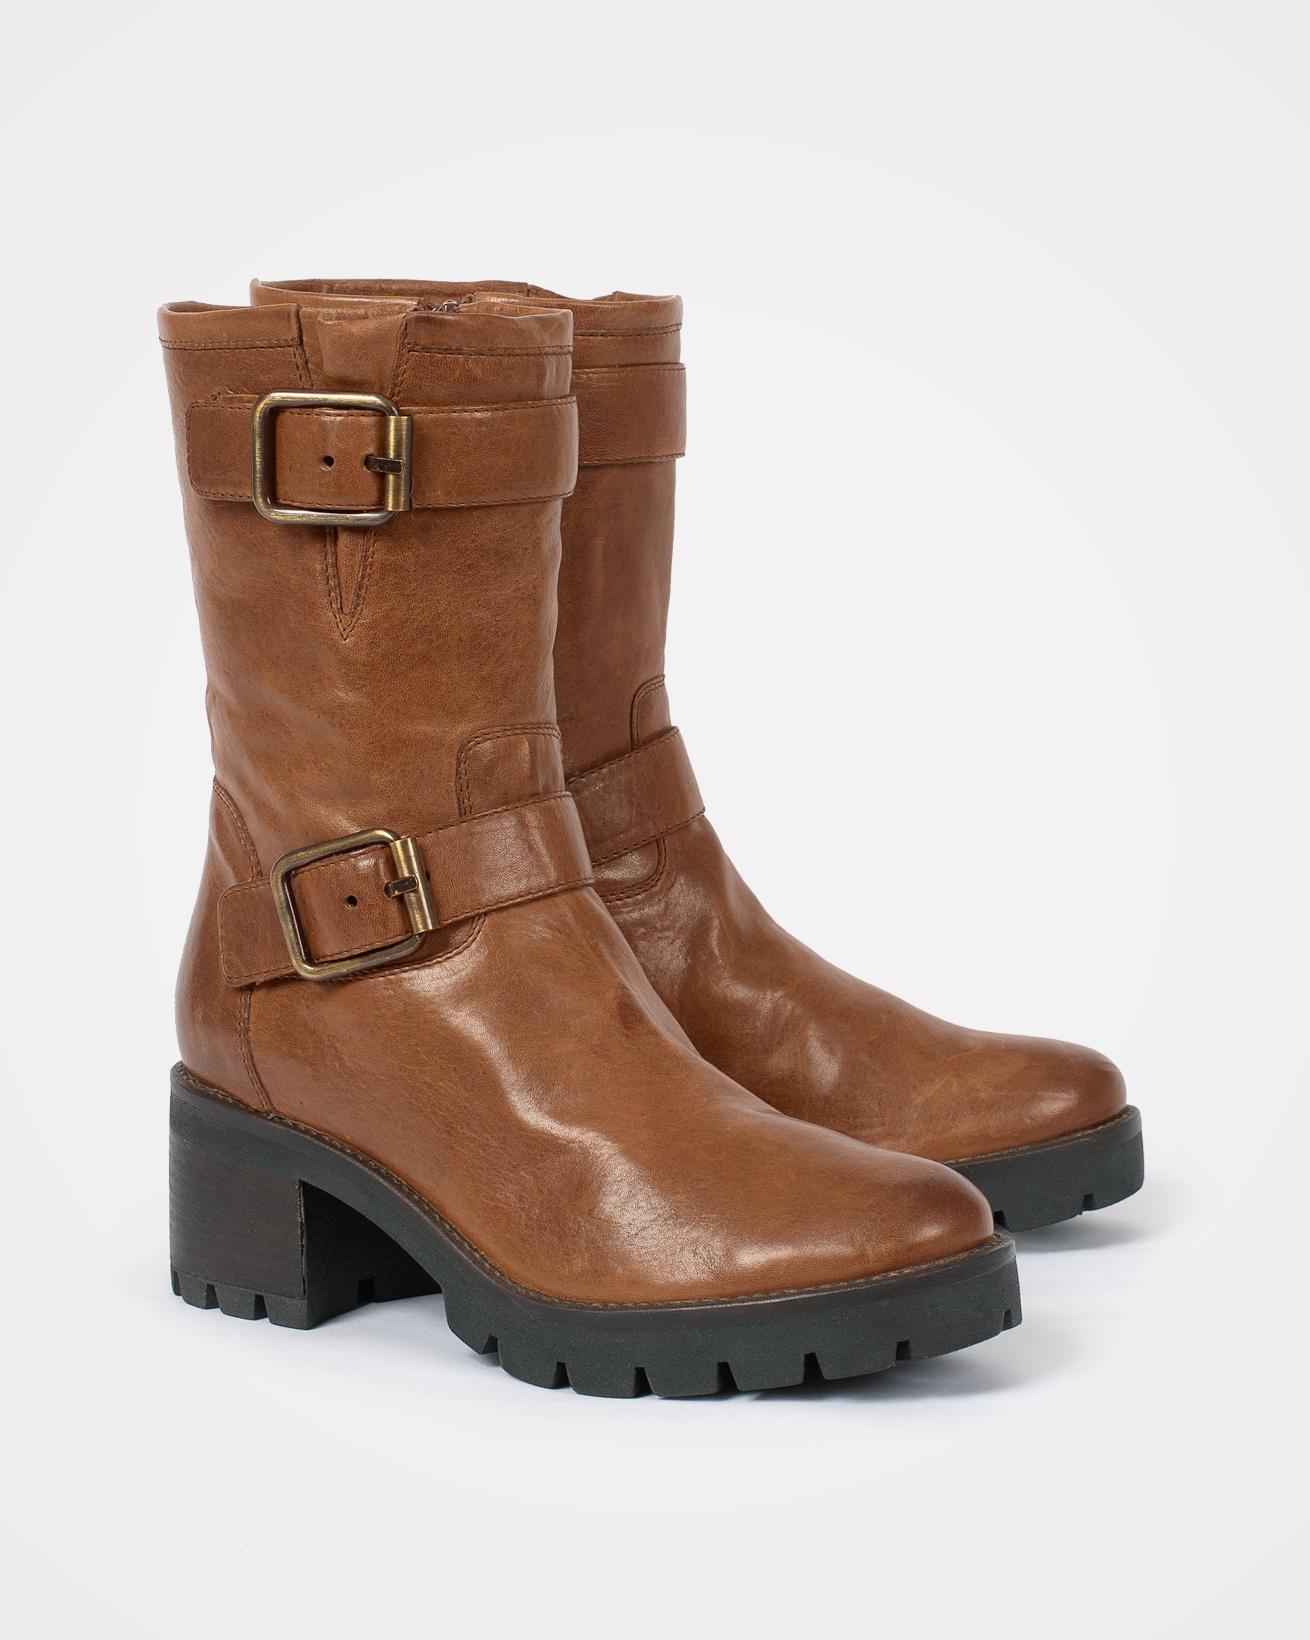 Block Heel Biker Boots - Size 39 - Antique Brown - 2058